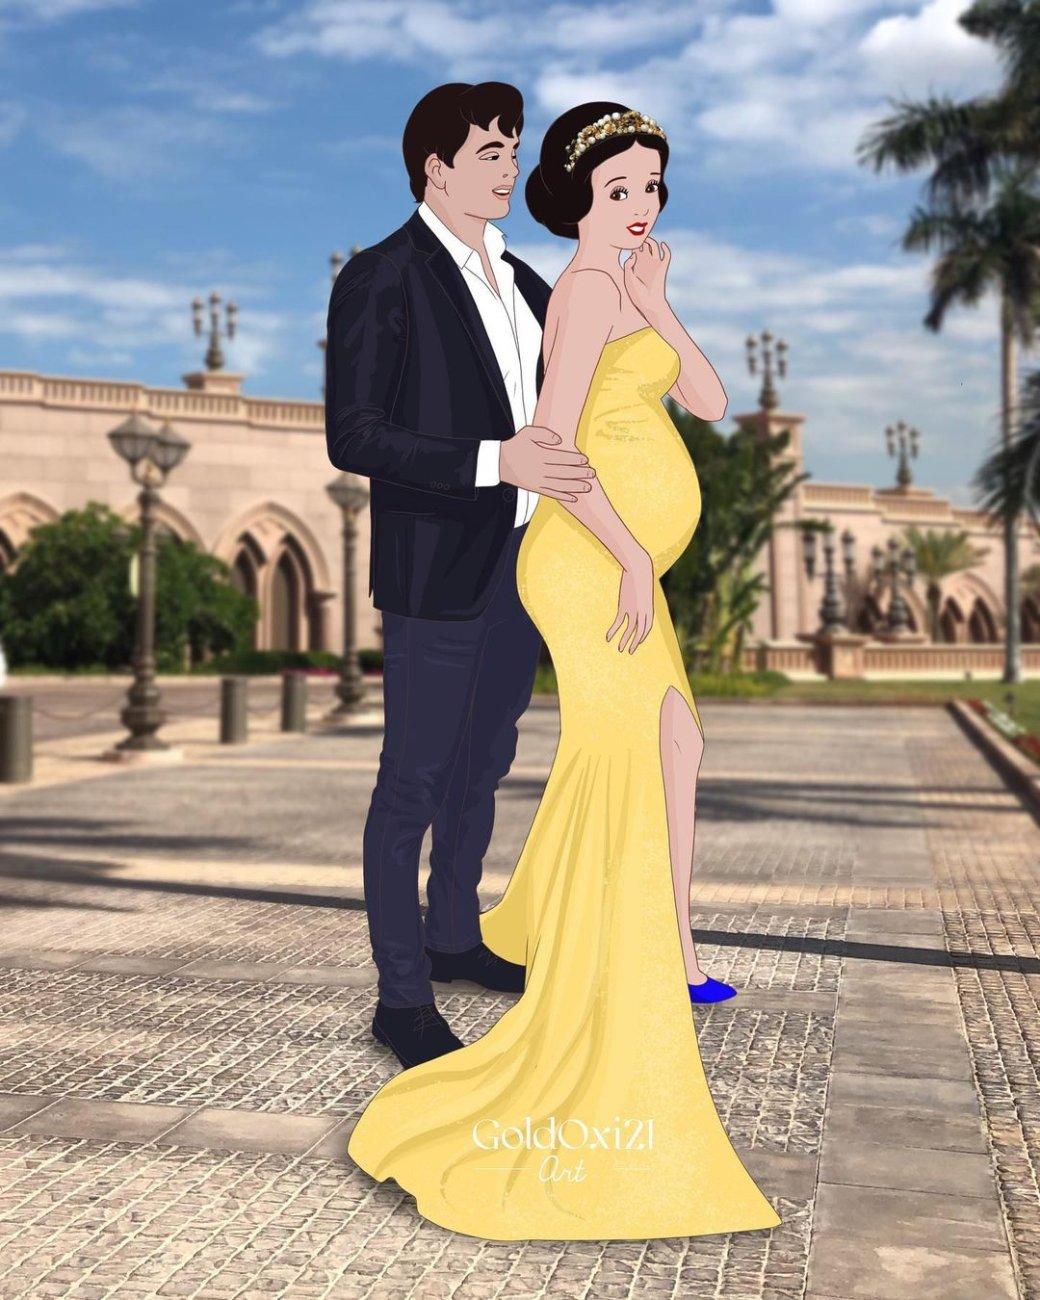 Российская художница изобразила беременных принцесс Disney | Канобу - Изображение 11173